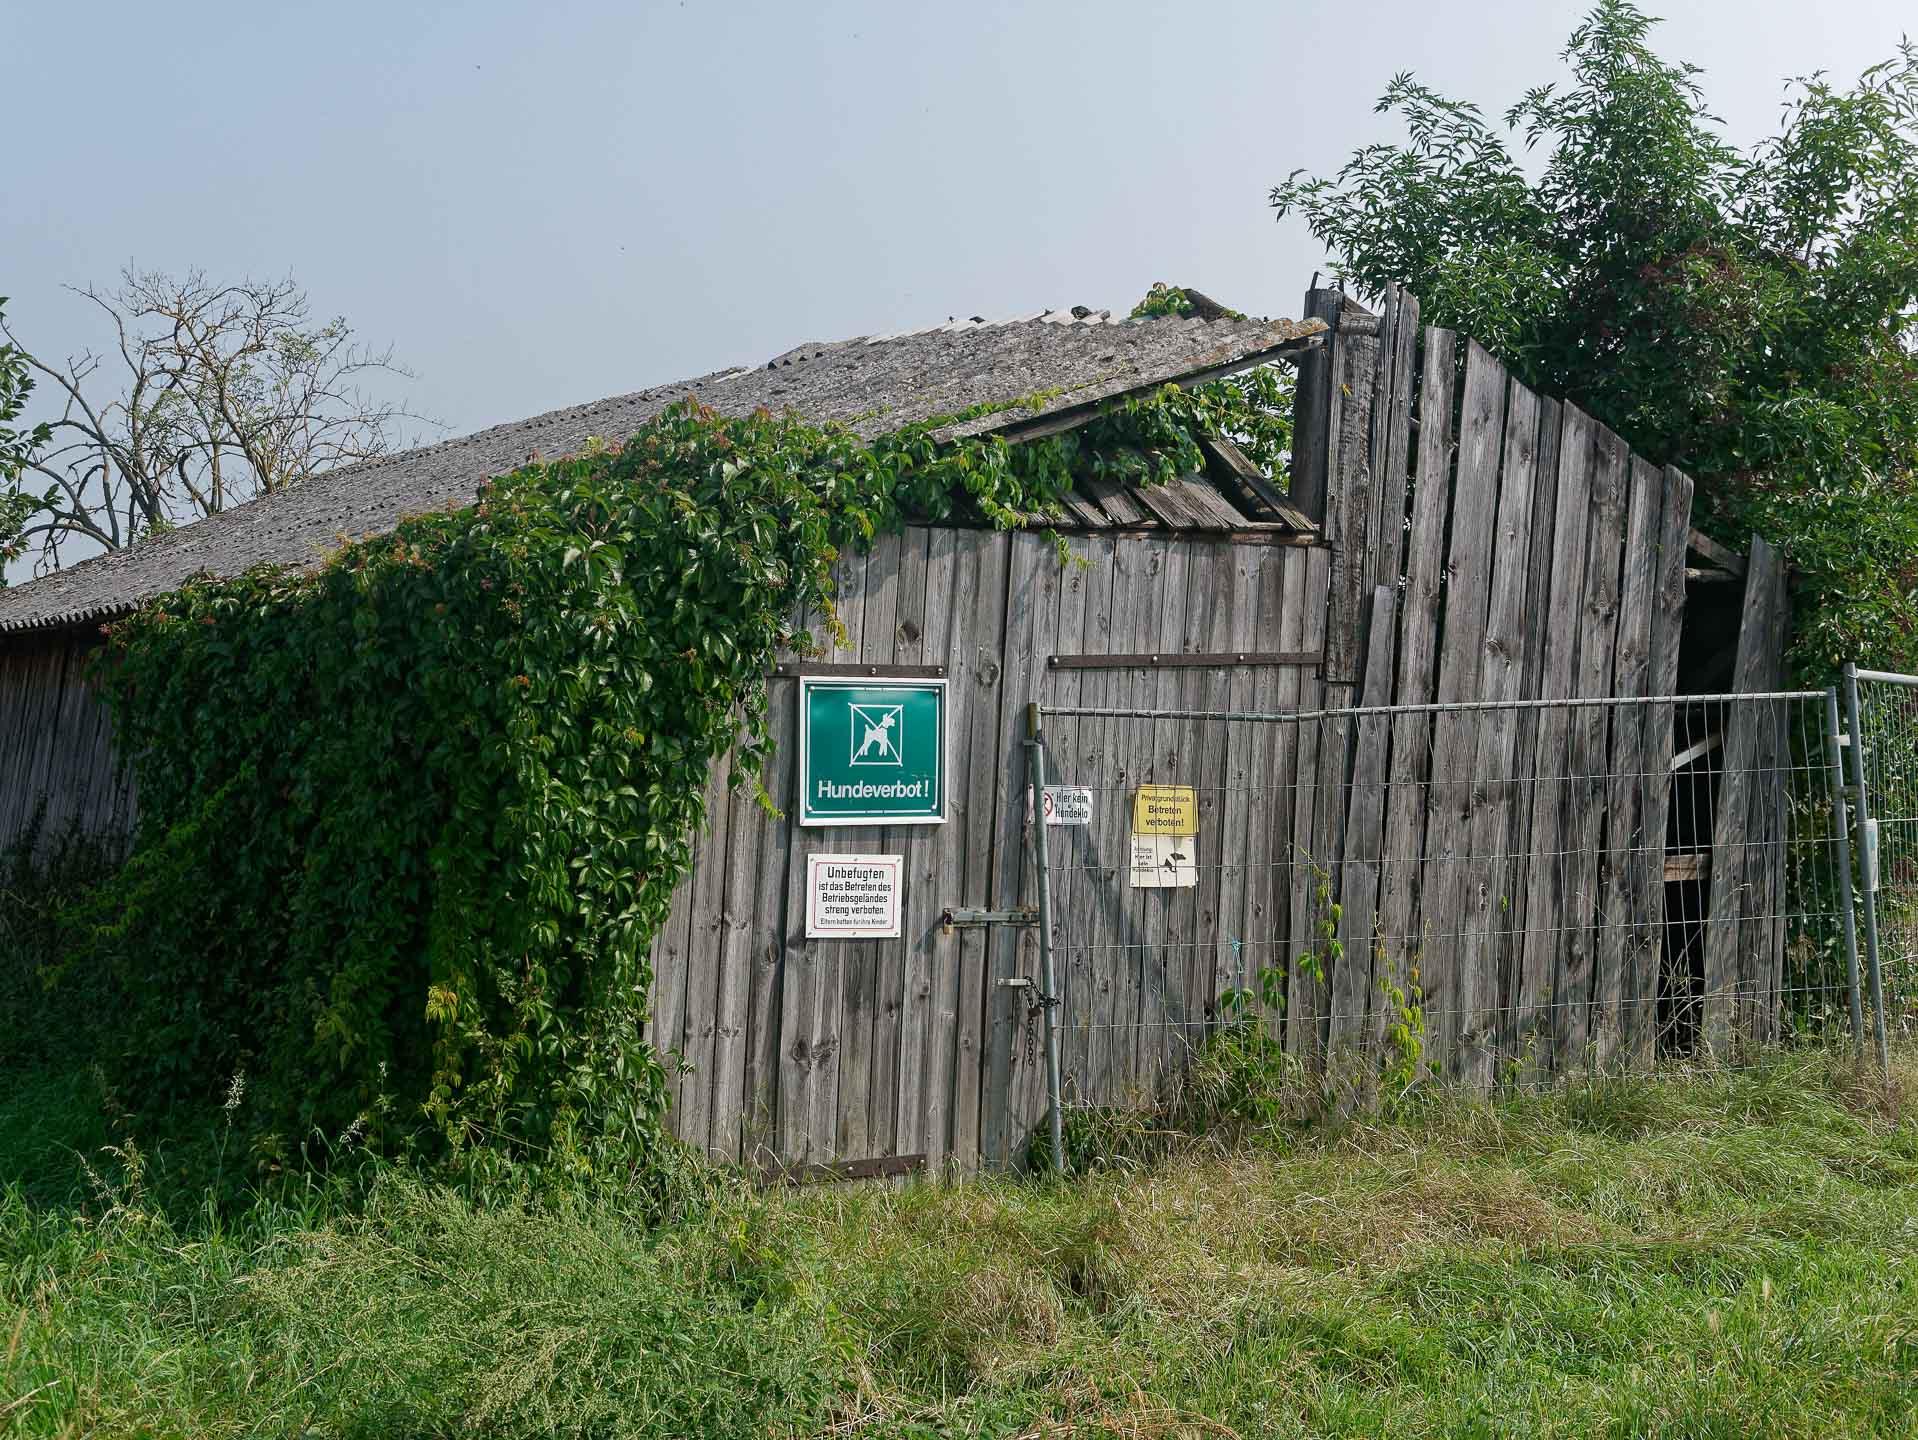 Betreten des Betriebsgeländes streng verboten !